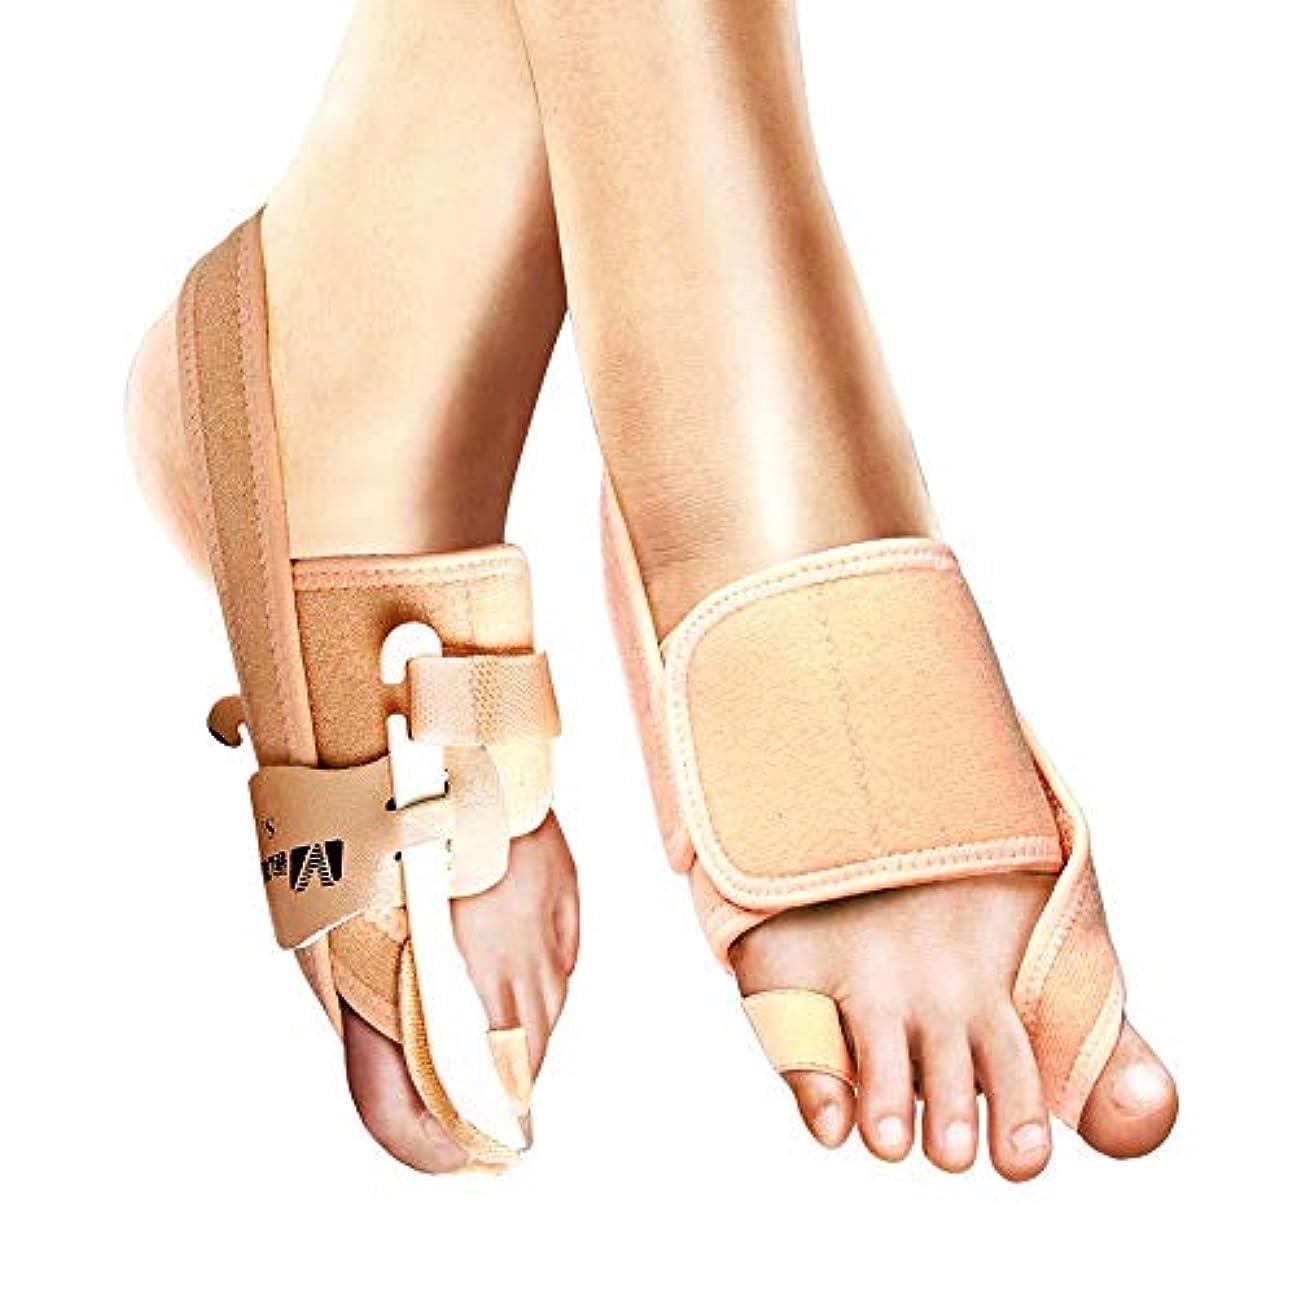 評価する住居グロー外反母for用の足の親指の矯正、男性と女性用の昼と夜のキット、痛みを和らげるジェルつま先セパレータ,RightFoot-22-24cm